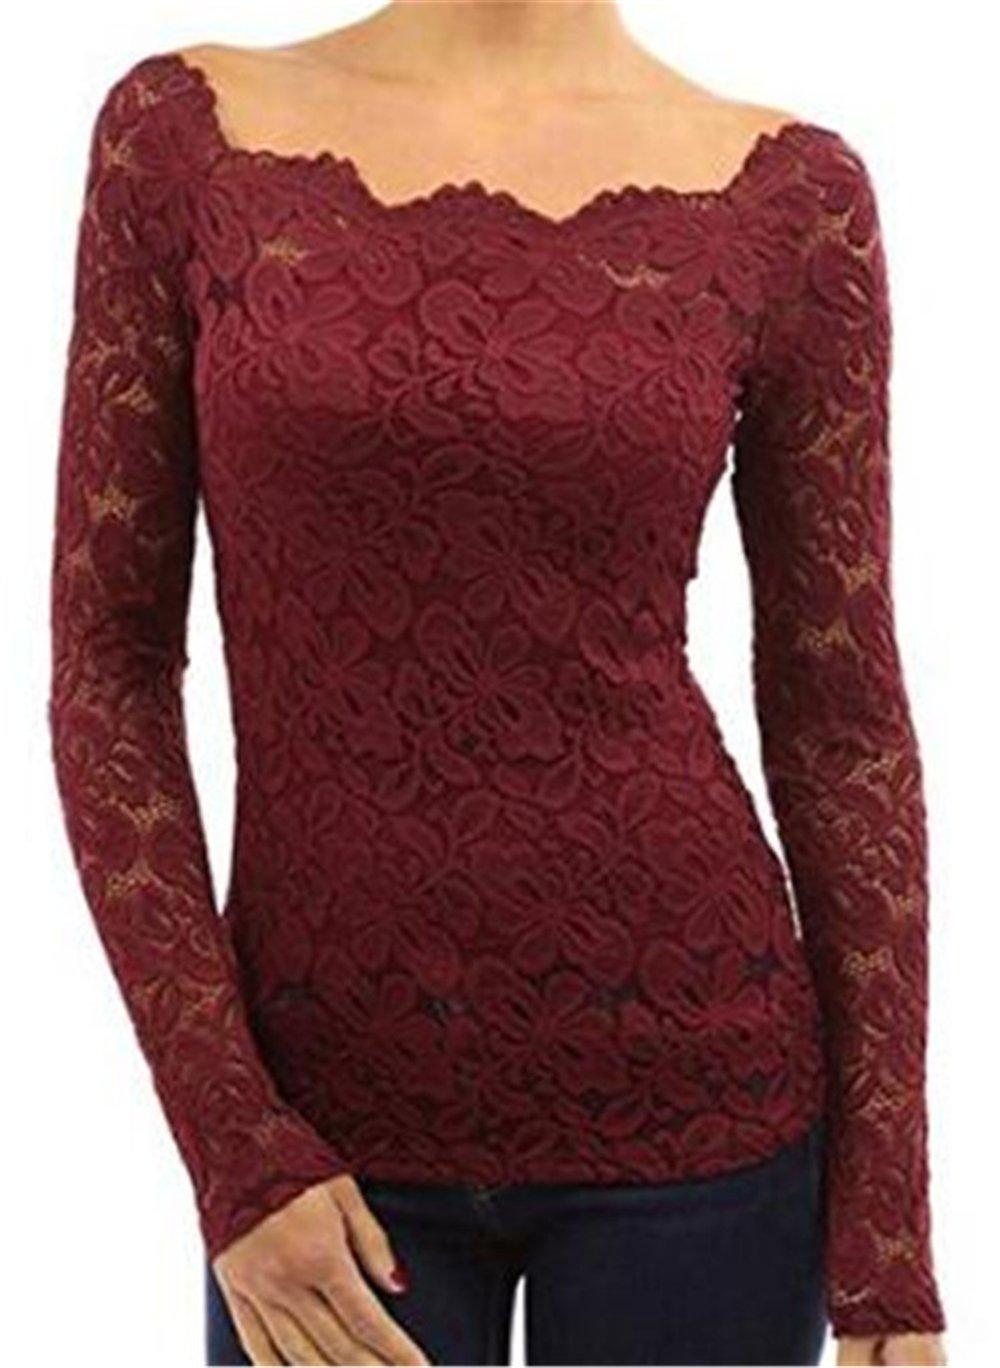 Aivosen Mujeres Palabra Collar Blusas De Encaje Flores Lace Crochet Camisas Camisetas Manga Larga T Shirt Sexy Tops: Amazon.es: Ropa y accesorios